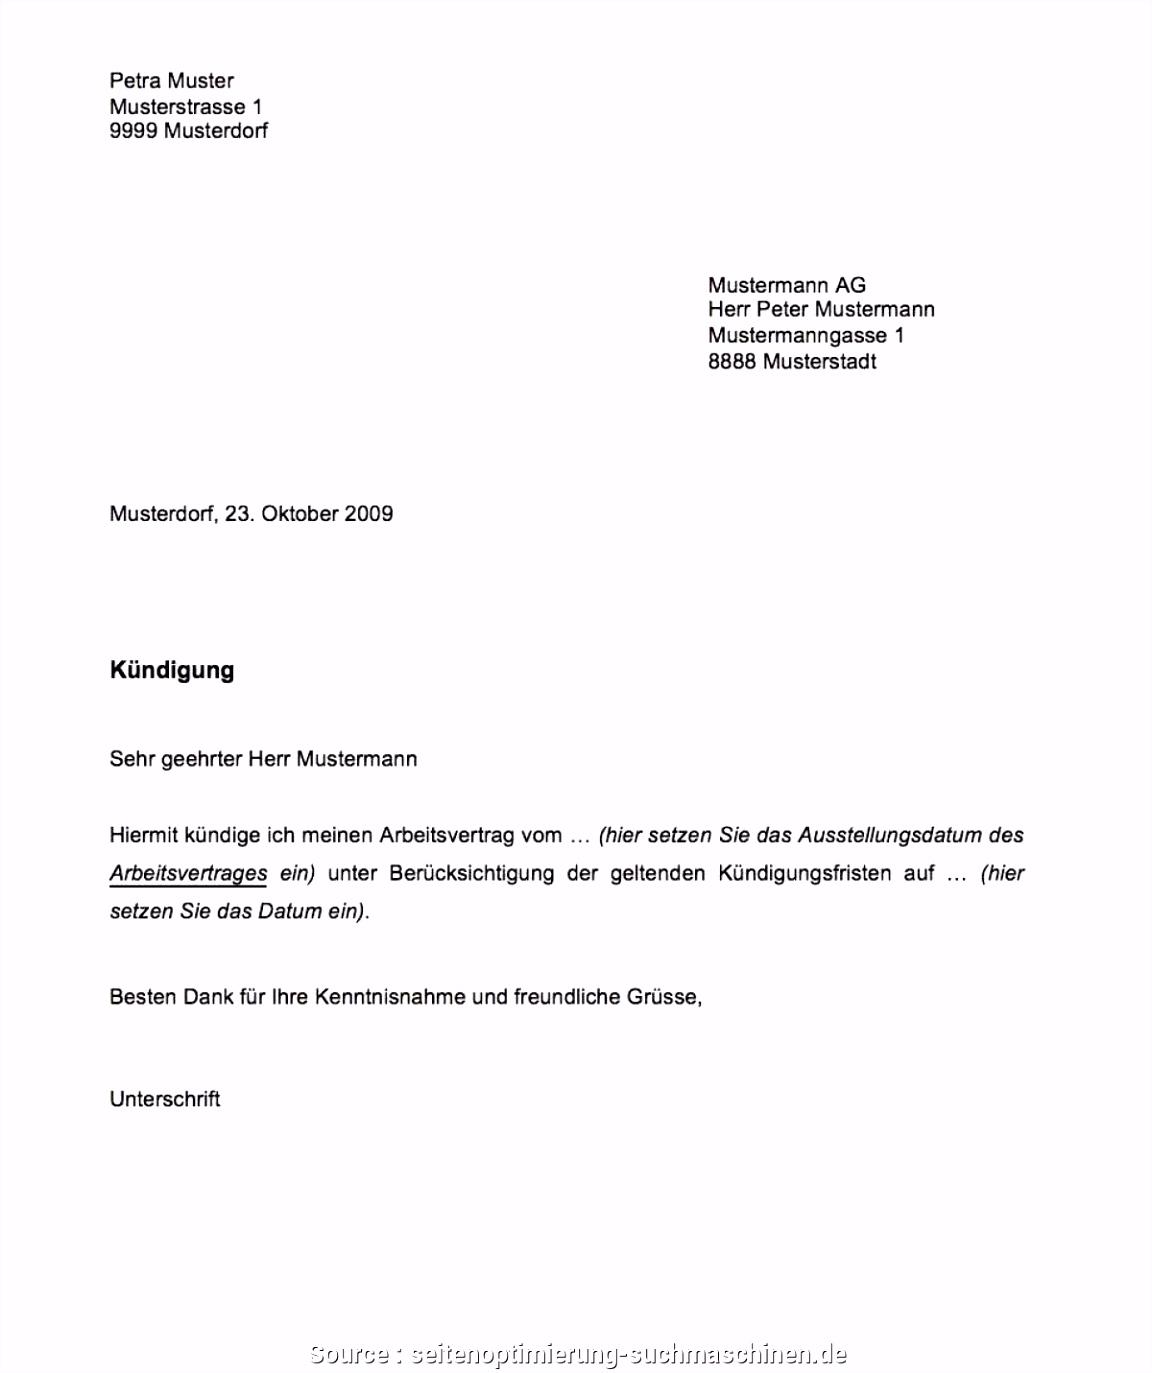 Praktisch 123Energie Kündigung Wegen Umzug Vorlage Kündigung Schreiben